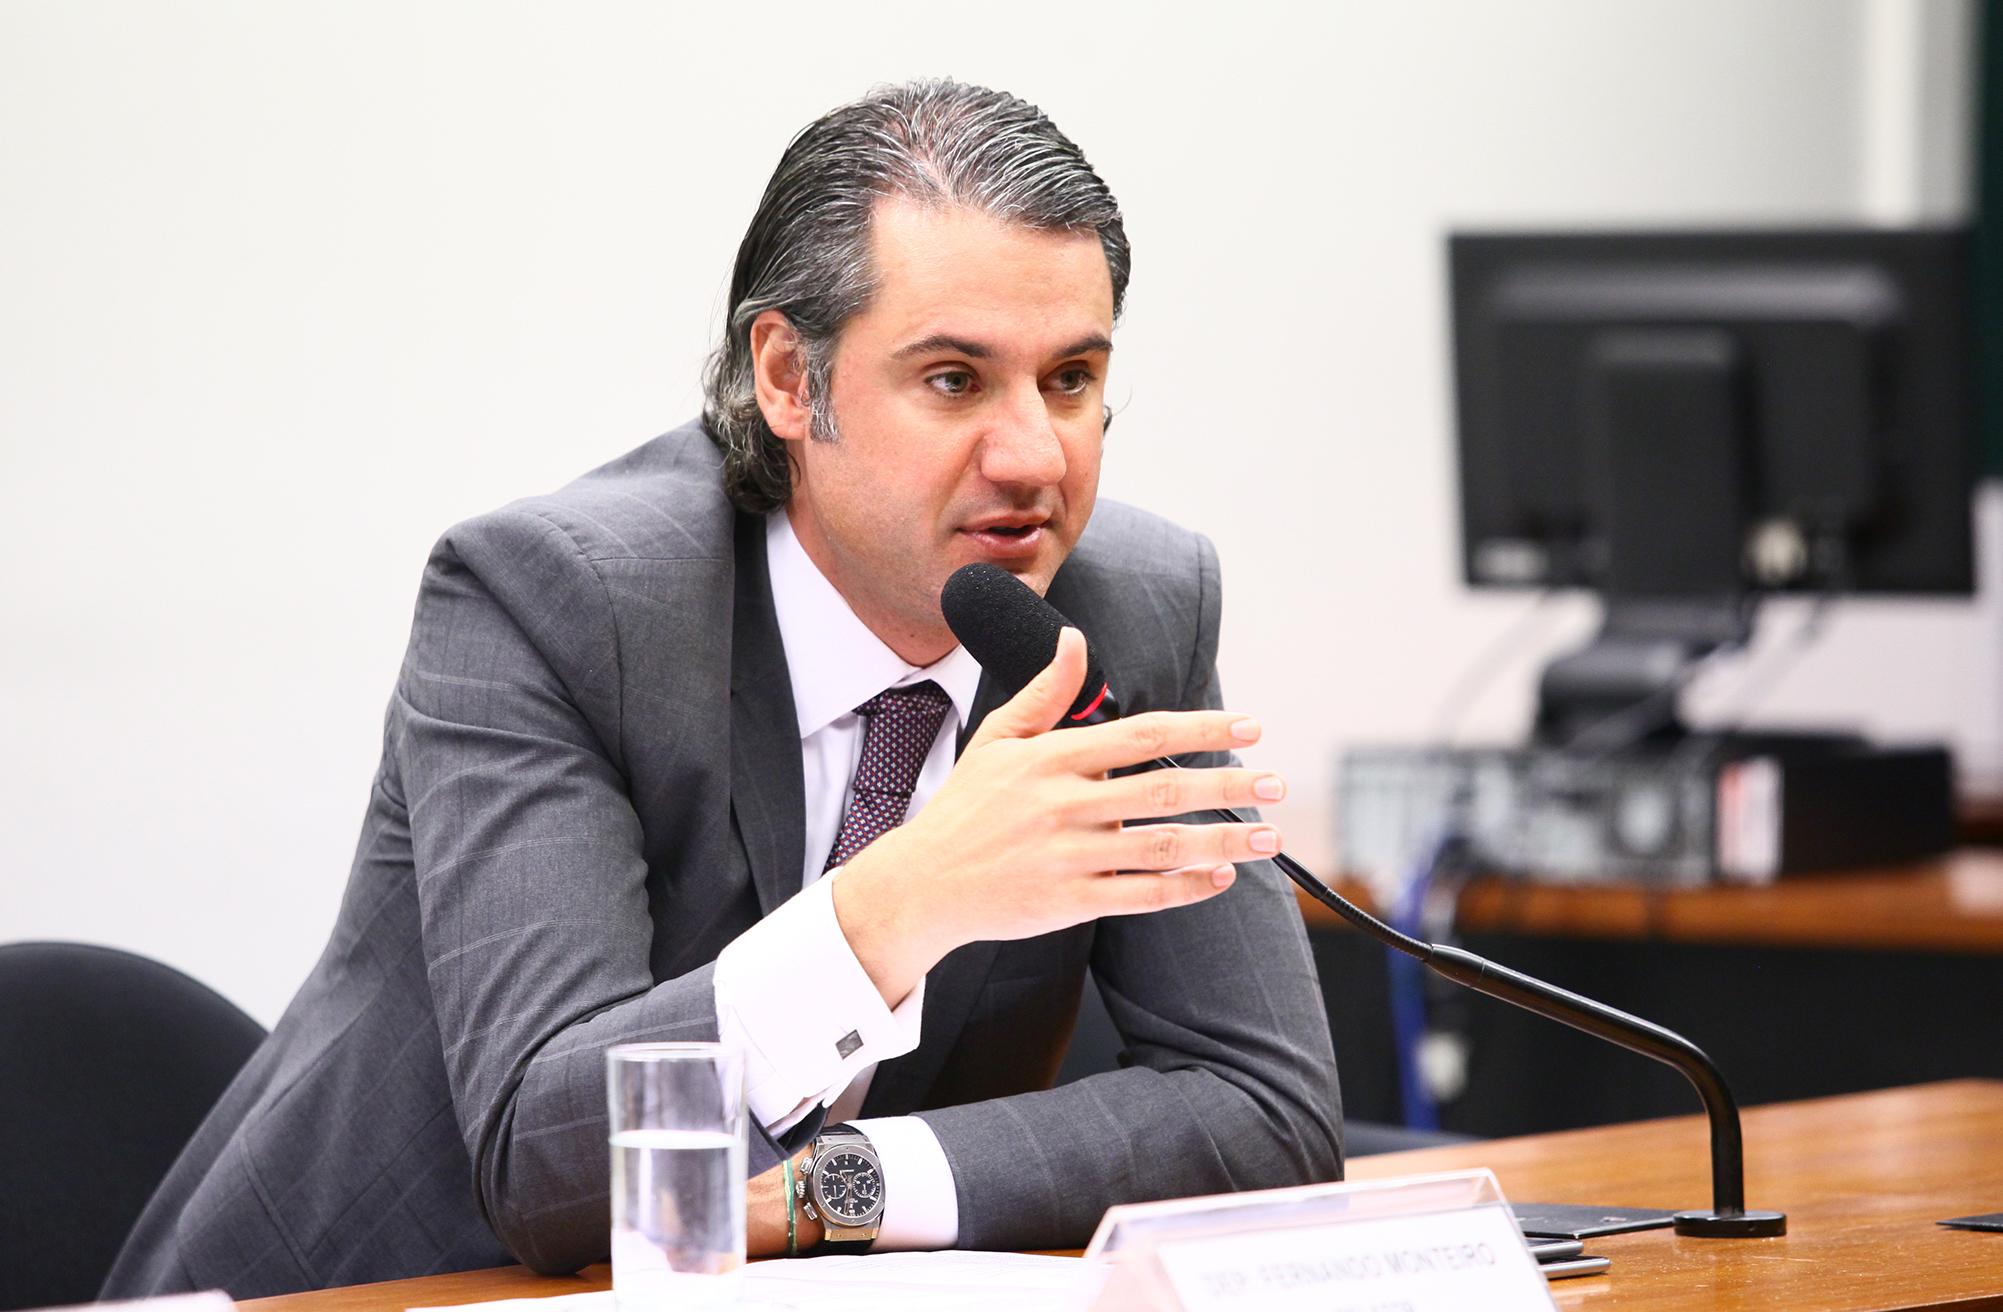 Audiência pública sobre os aspectos relacionados a contratos de marketing, direitos de mídia, patrocínios e eventos envolvendo a Confederação Brasileira de Futebol (CBF). Dep. Fernando Monteiro (PP-PE)